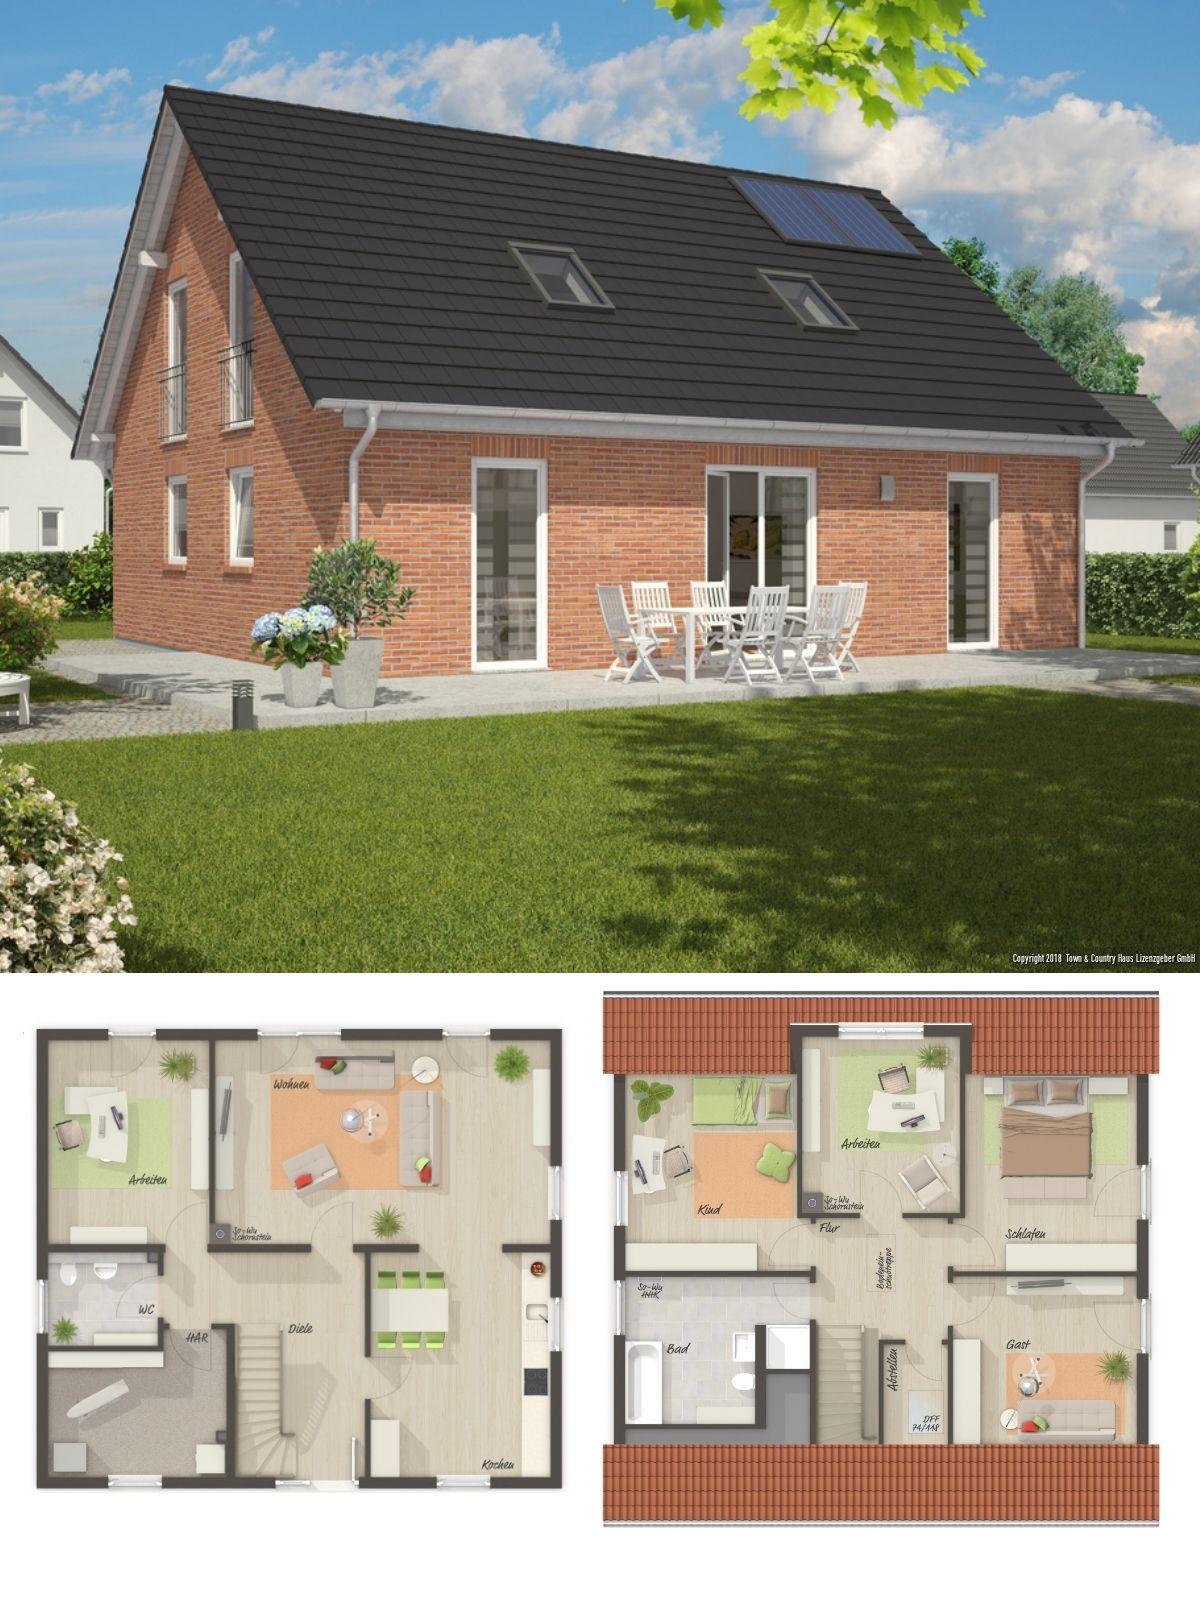 Einfamilienhaus architektur grundriss klassisch mit for Architektur klassisch